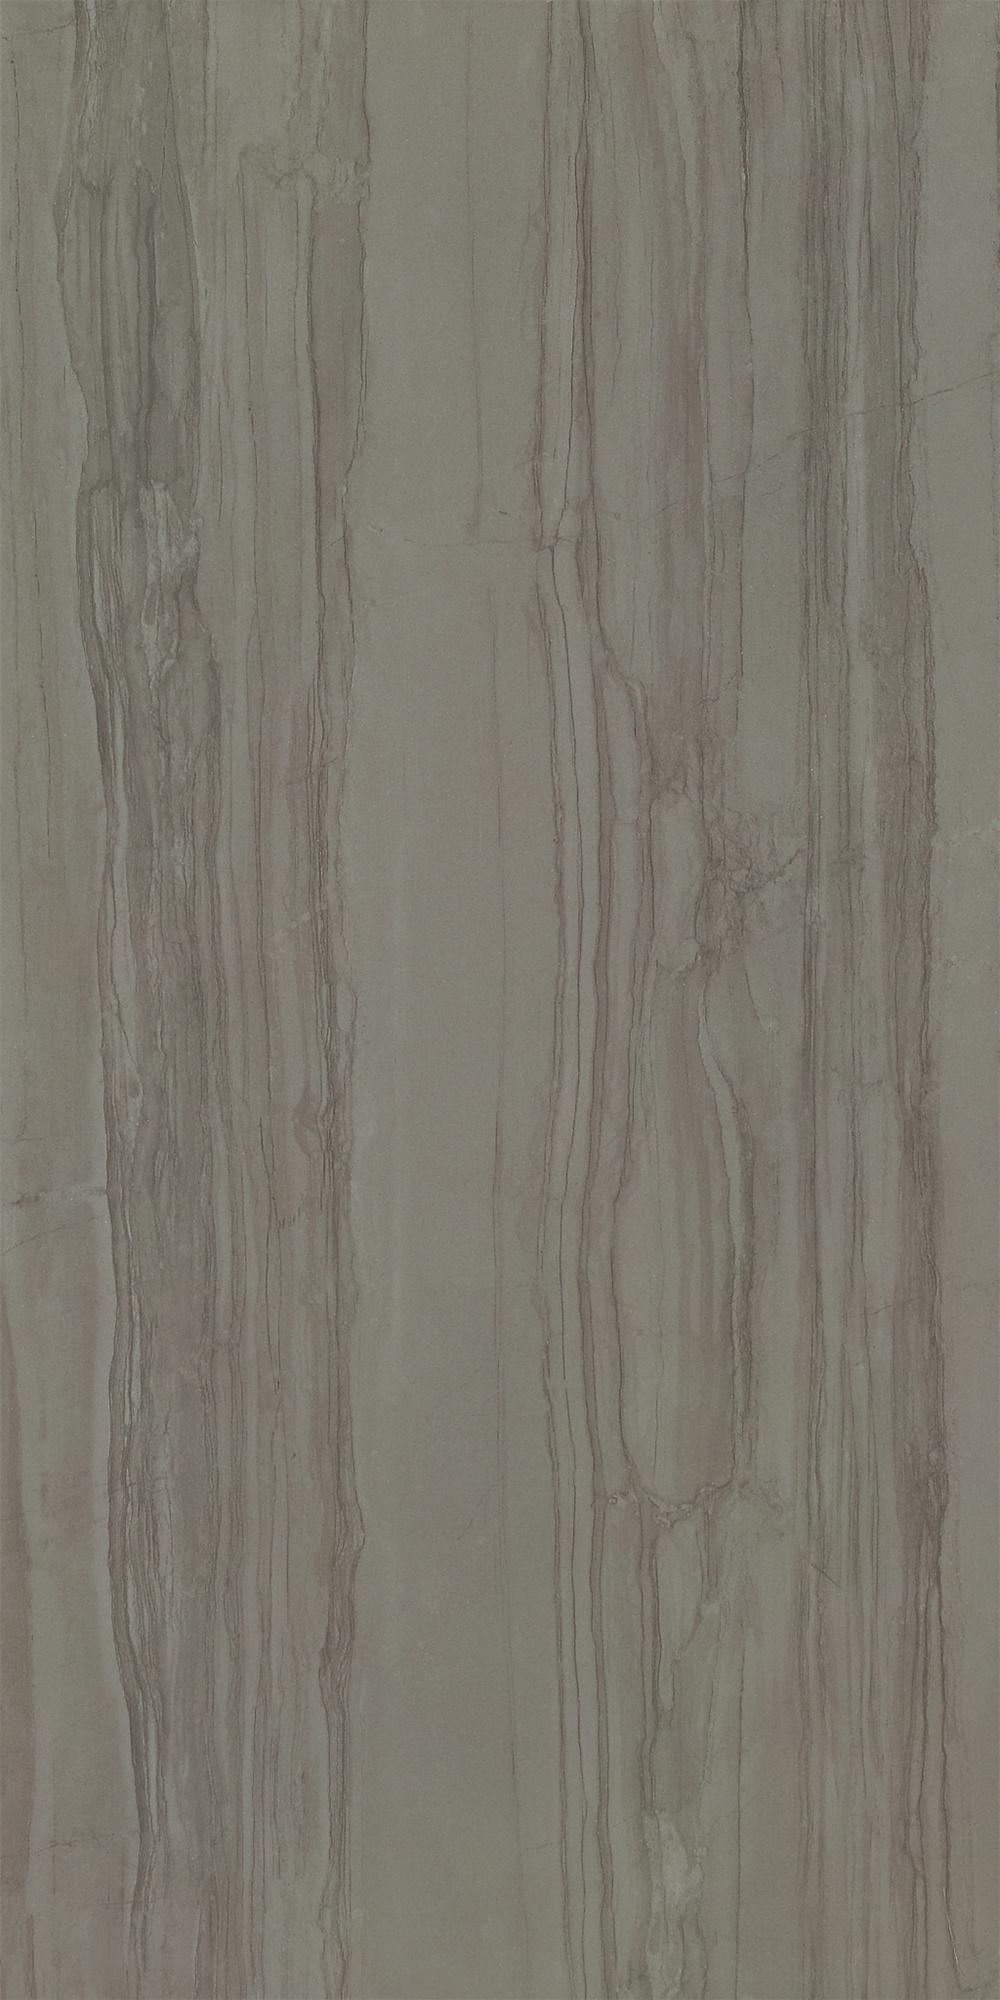 HPG84074雅典木纹(深)(800mmX400mm)